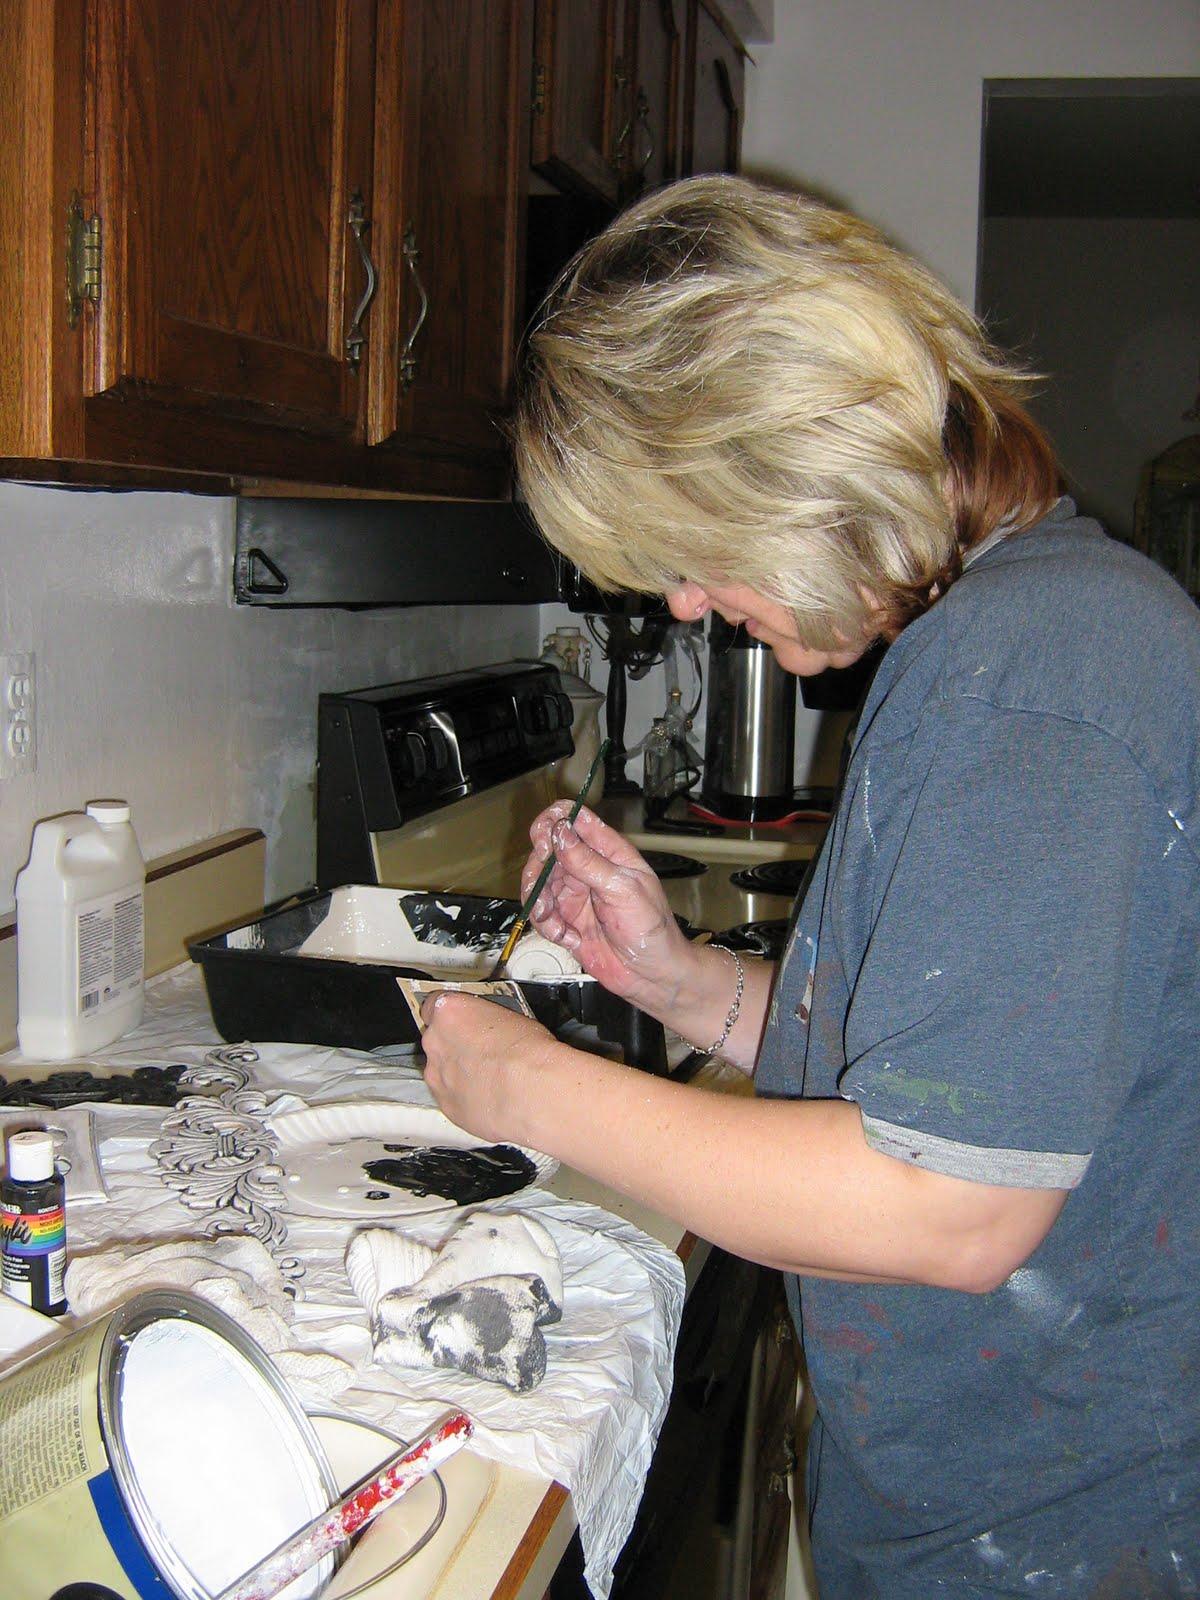 http://2.bp.blogspot.com/-ZjPVS1waztw/TairmOQfdoI/AAAAAAAAAFI/Op8Bz9HRArA/s1600/kitchen%252Bredo%252B130.JPG